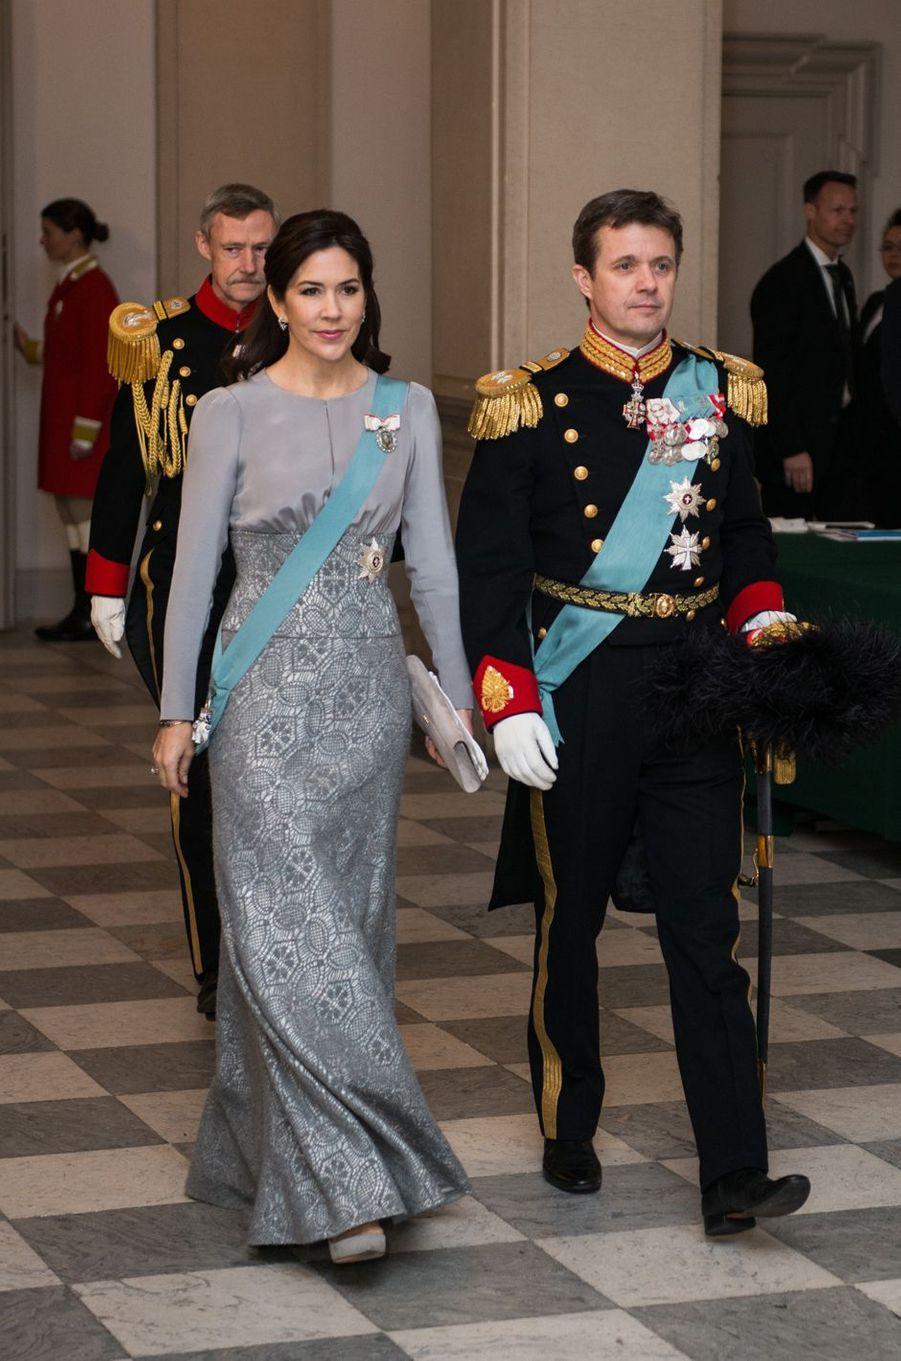 La princesse Mary et le prince Frederik de Danemark à Copenhague, le 3 janvier 2017